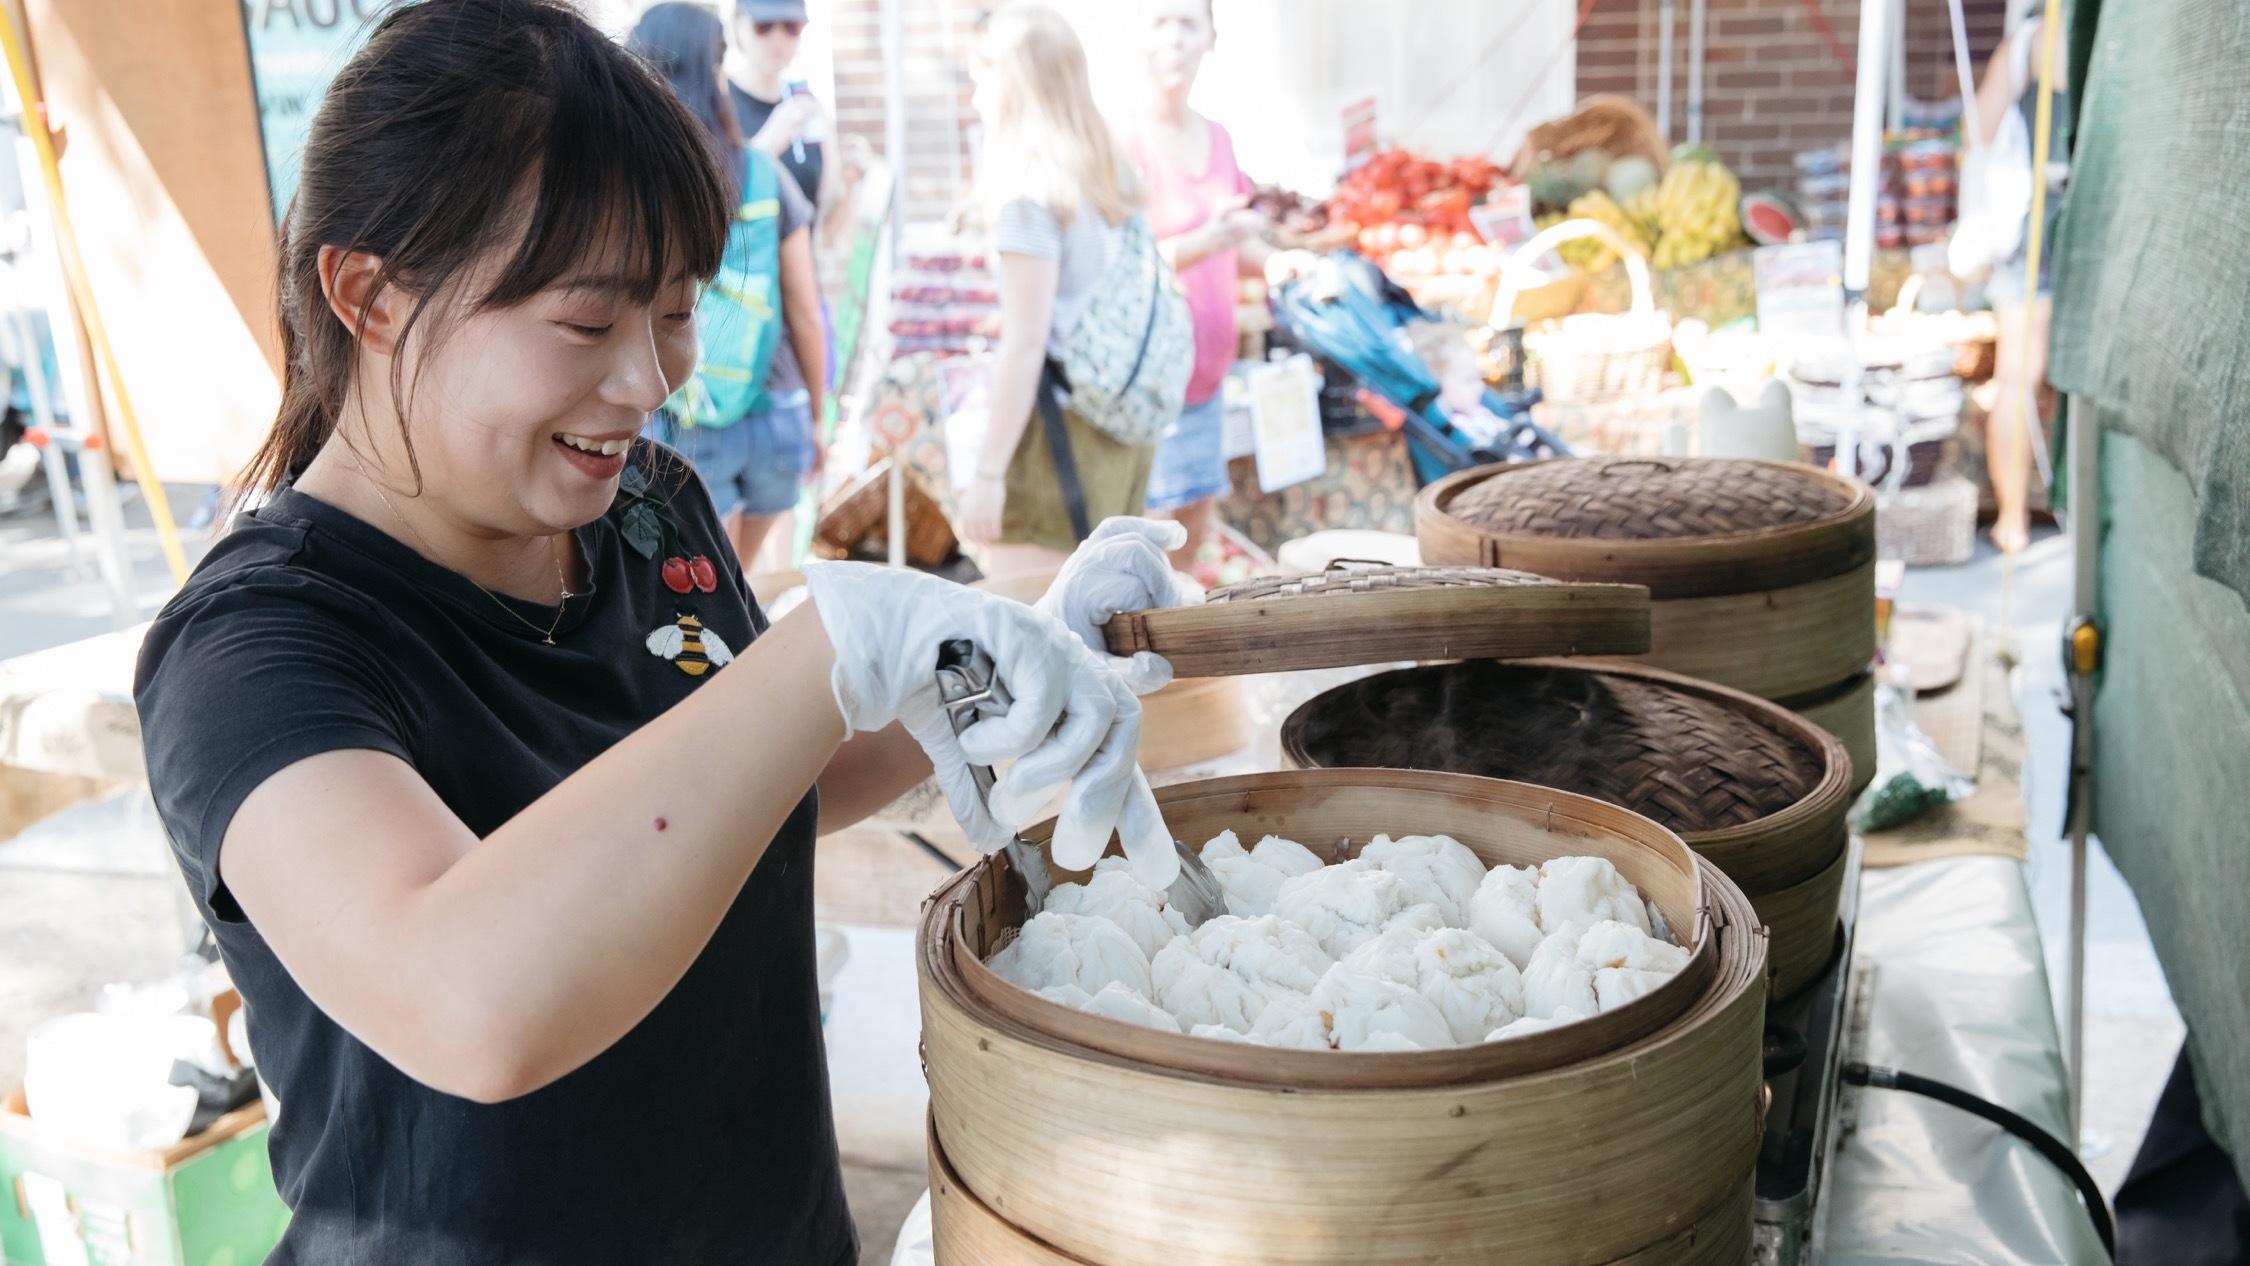 Person making food at Bondi Farmers Markets